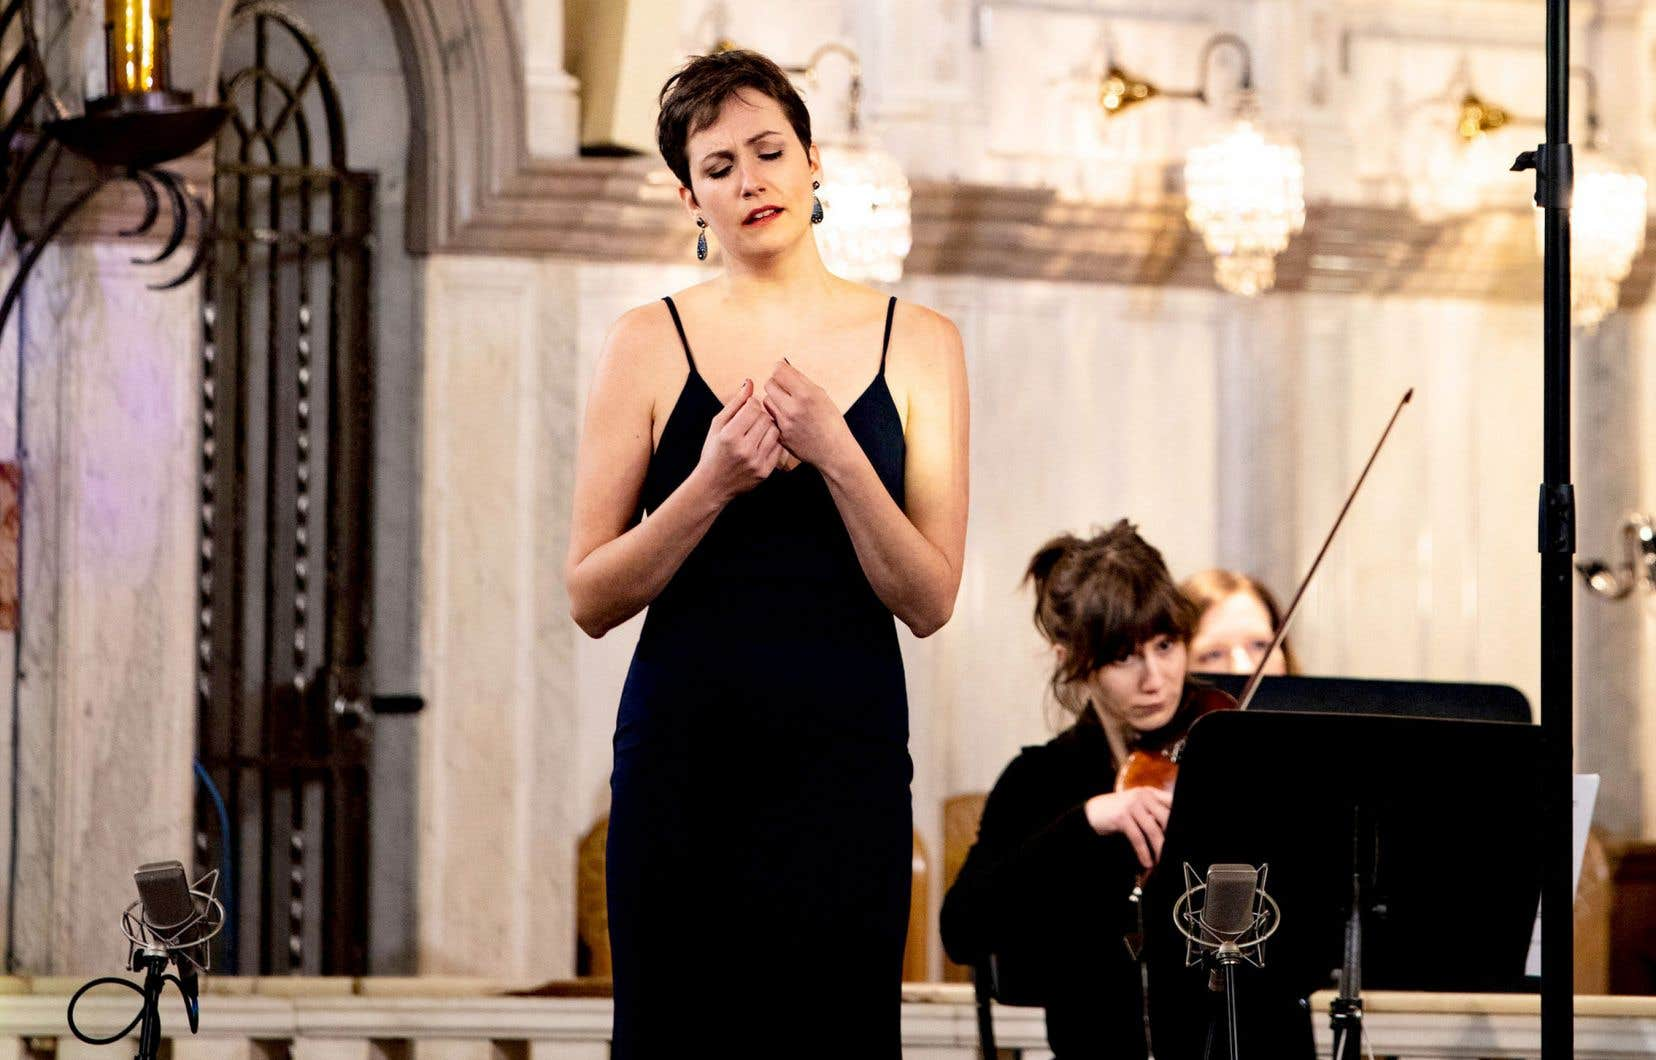 Le concert Mahler de l'Orchestre de l'Agora fait intervenir cinq solistes liés à l'Atelier d'opéra, dont la mezzo Florence Bourget.